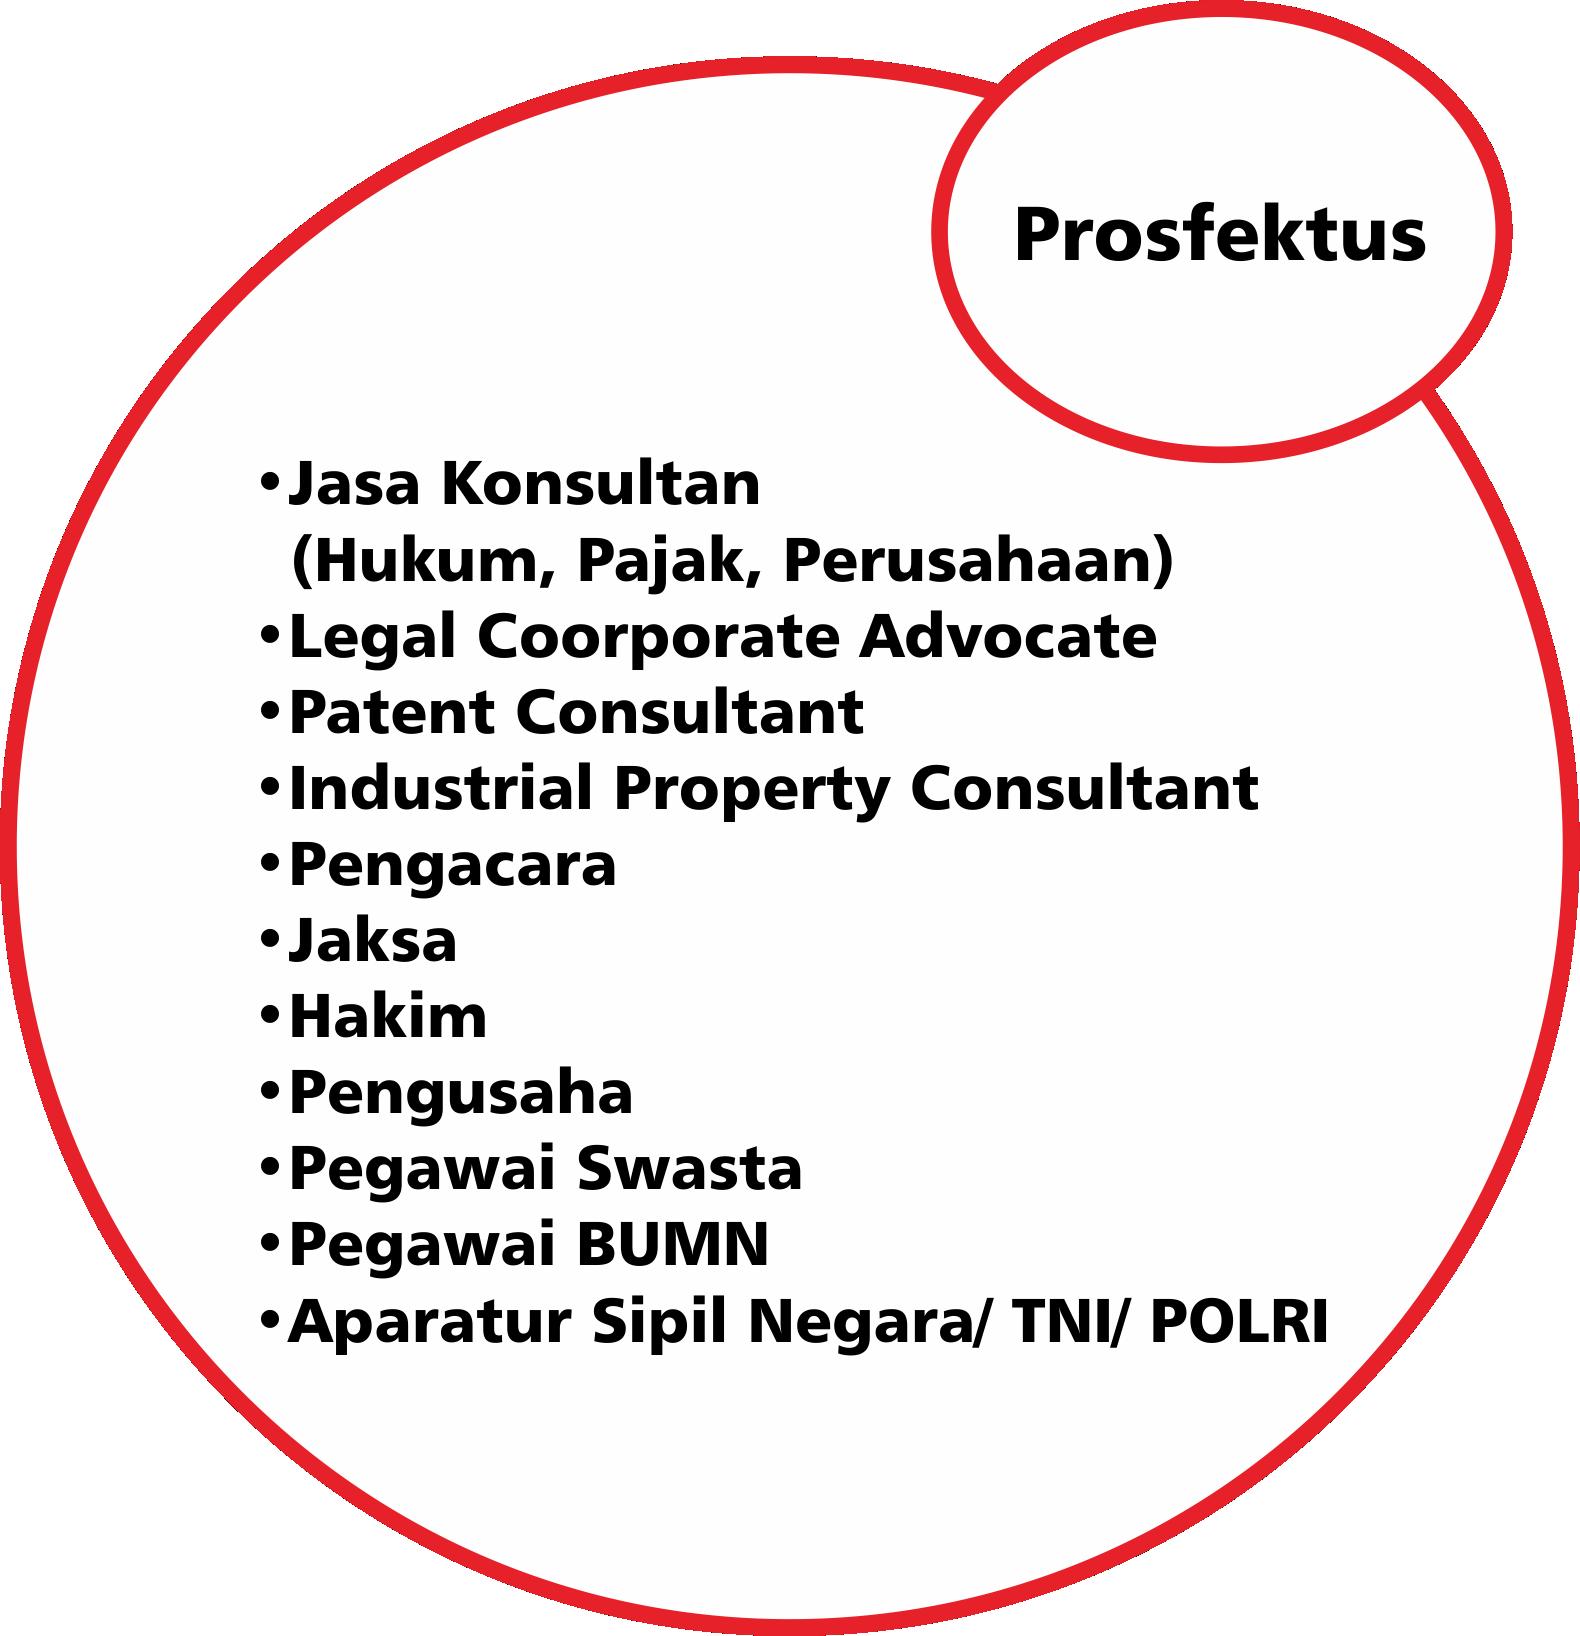 prosfektus